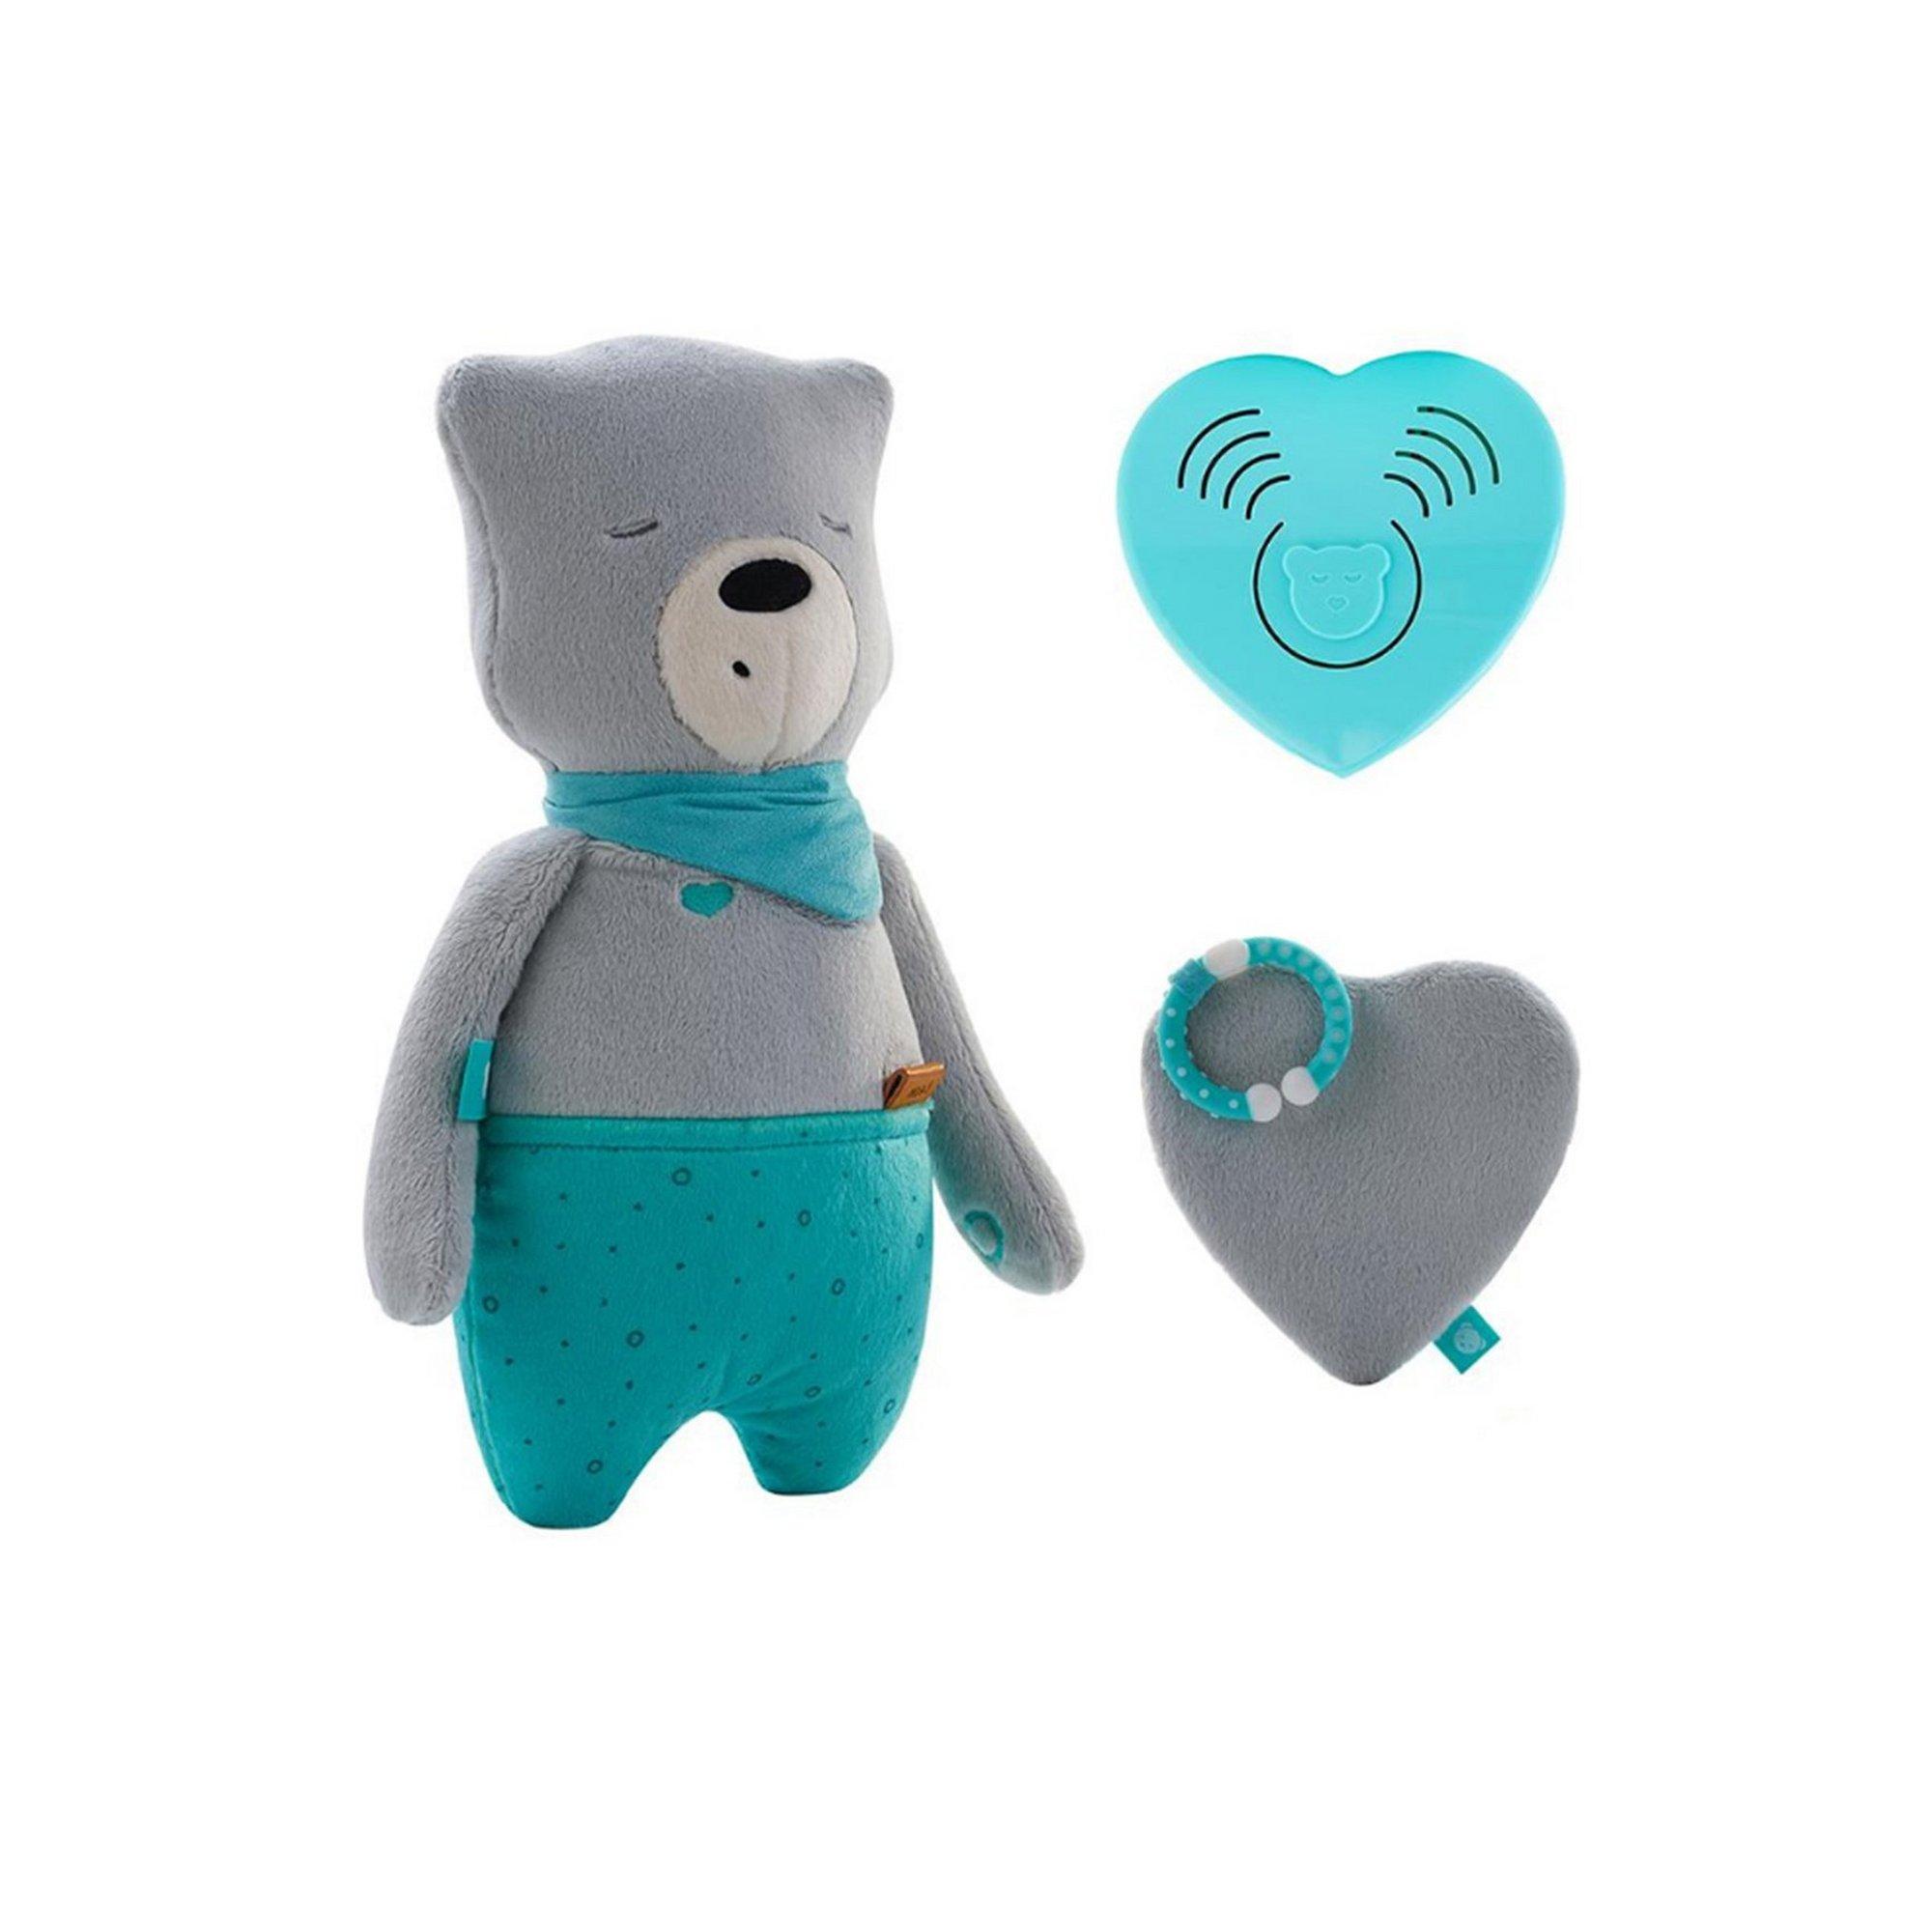 Image of myHummy - Leon with Sleep Sensor Sensory Heart